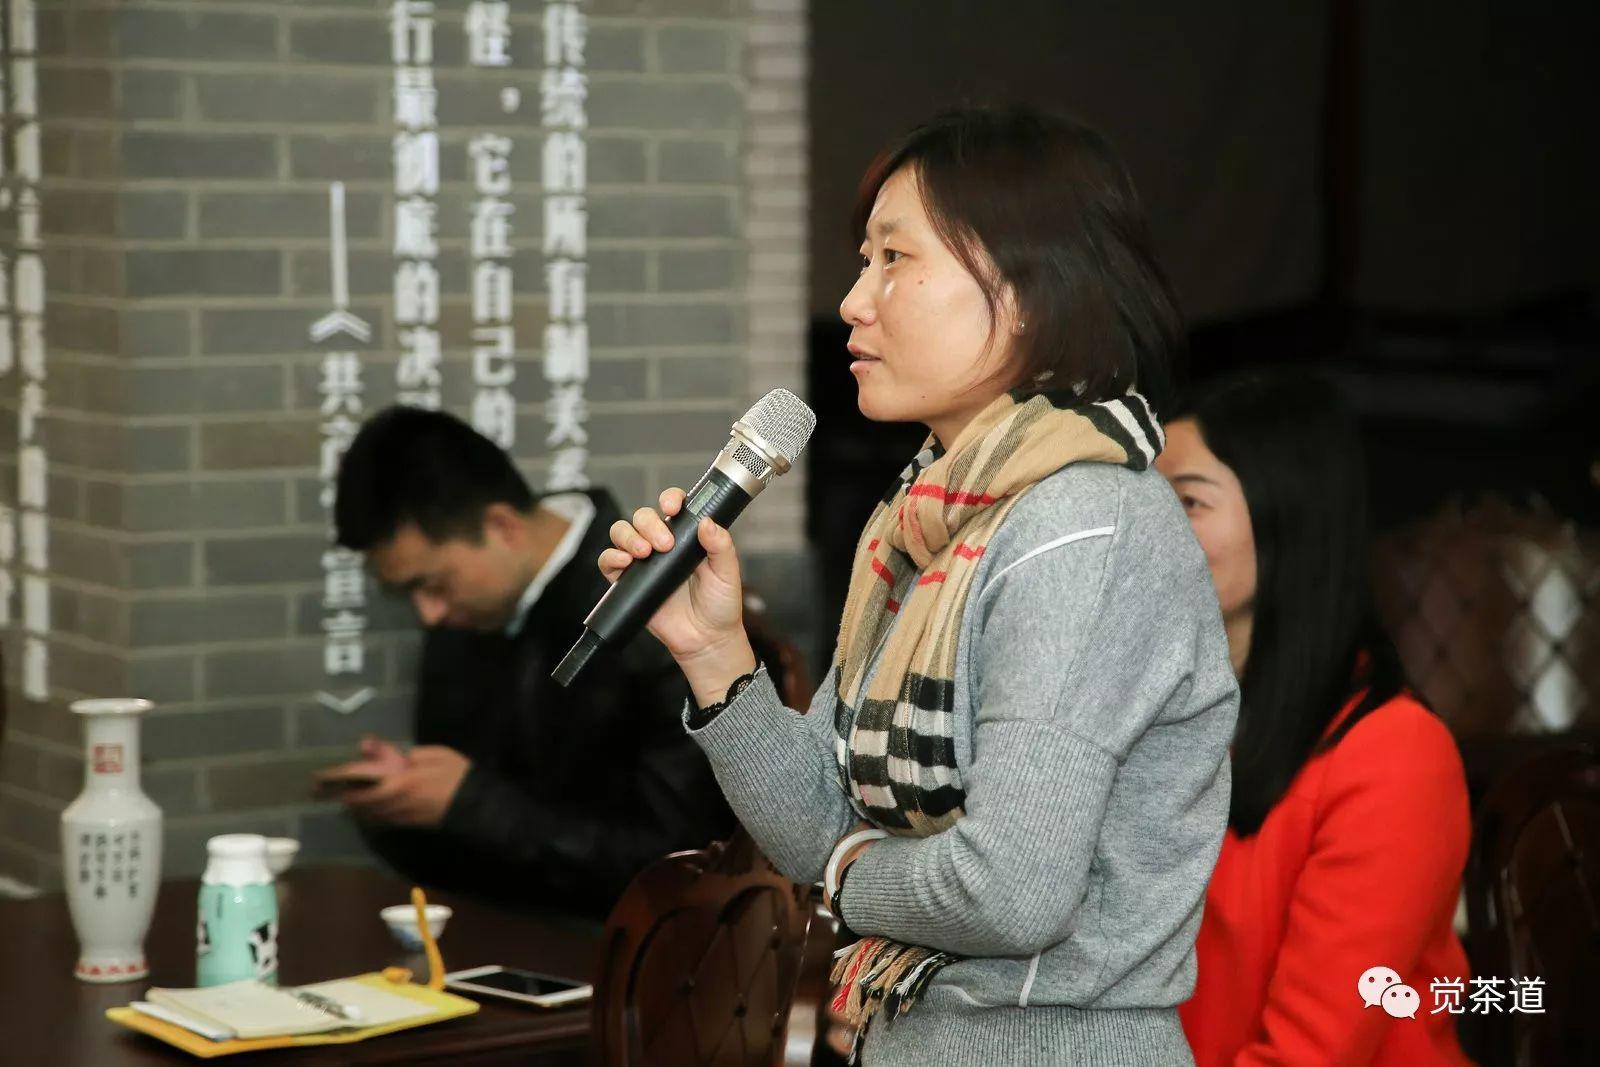 【觉茶道】汪云老师受邀为北京朝阳区女干部进行茶道培训